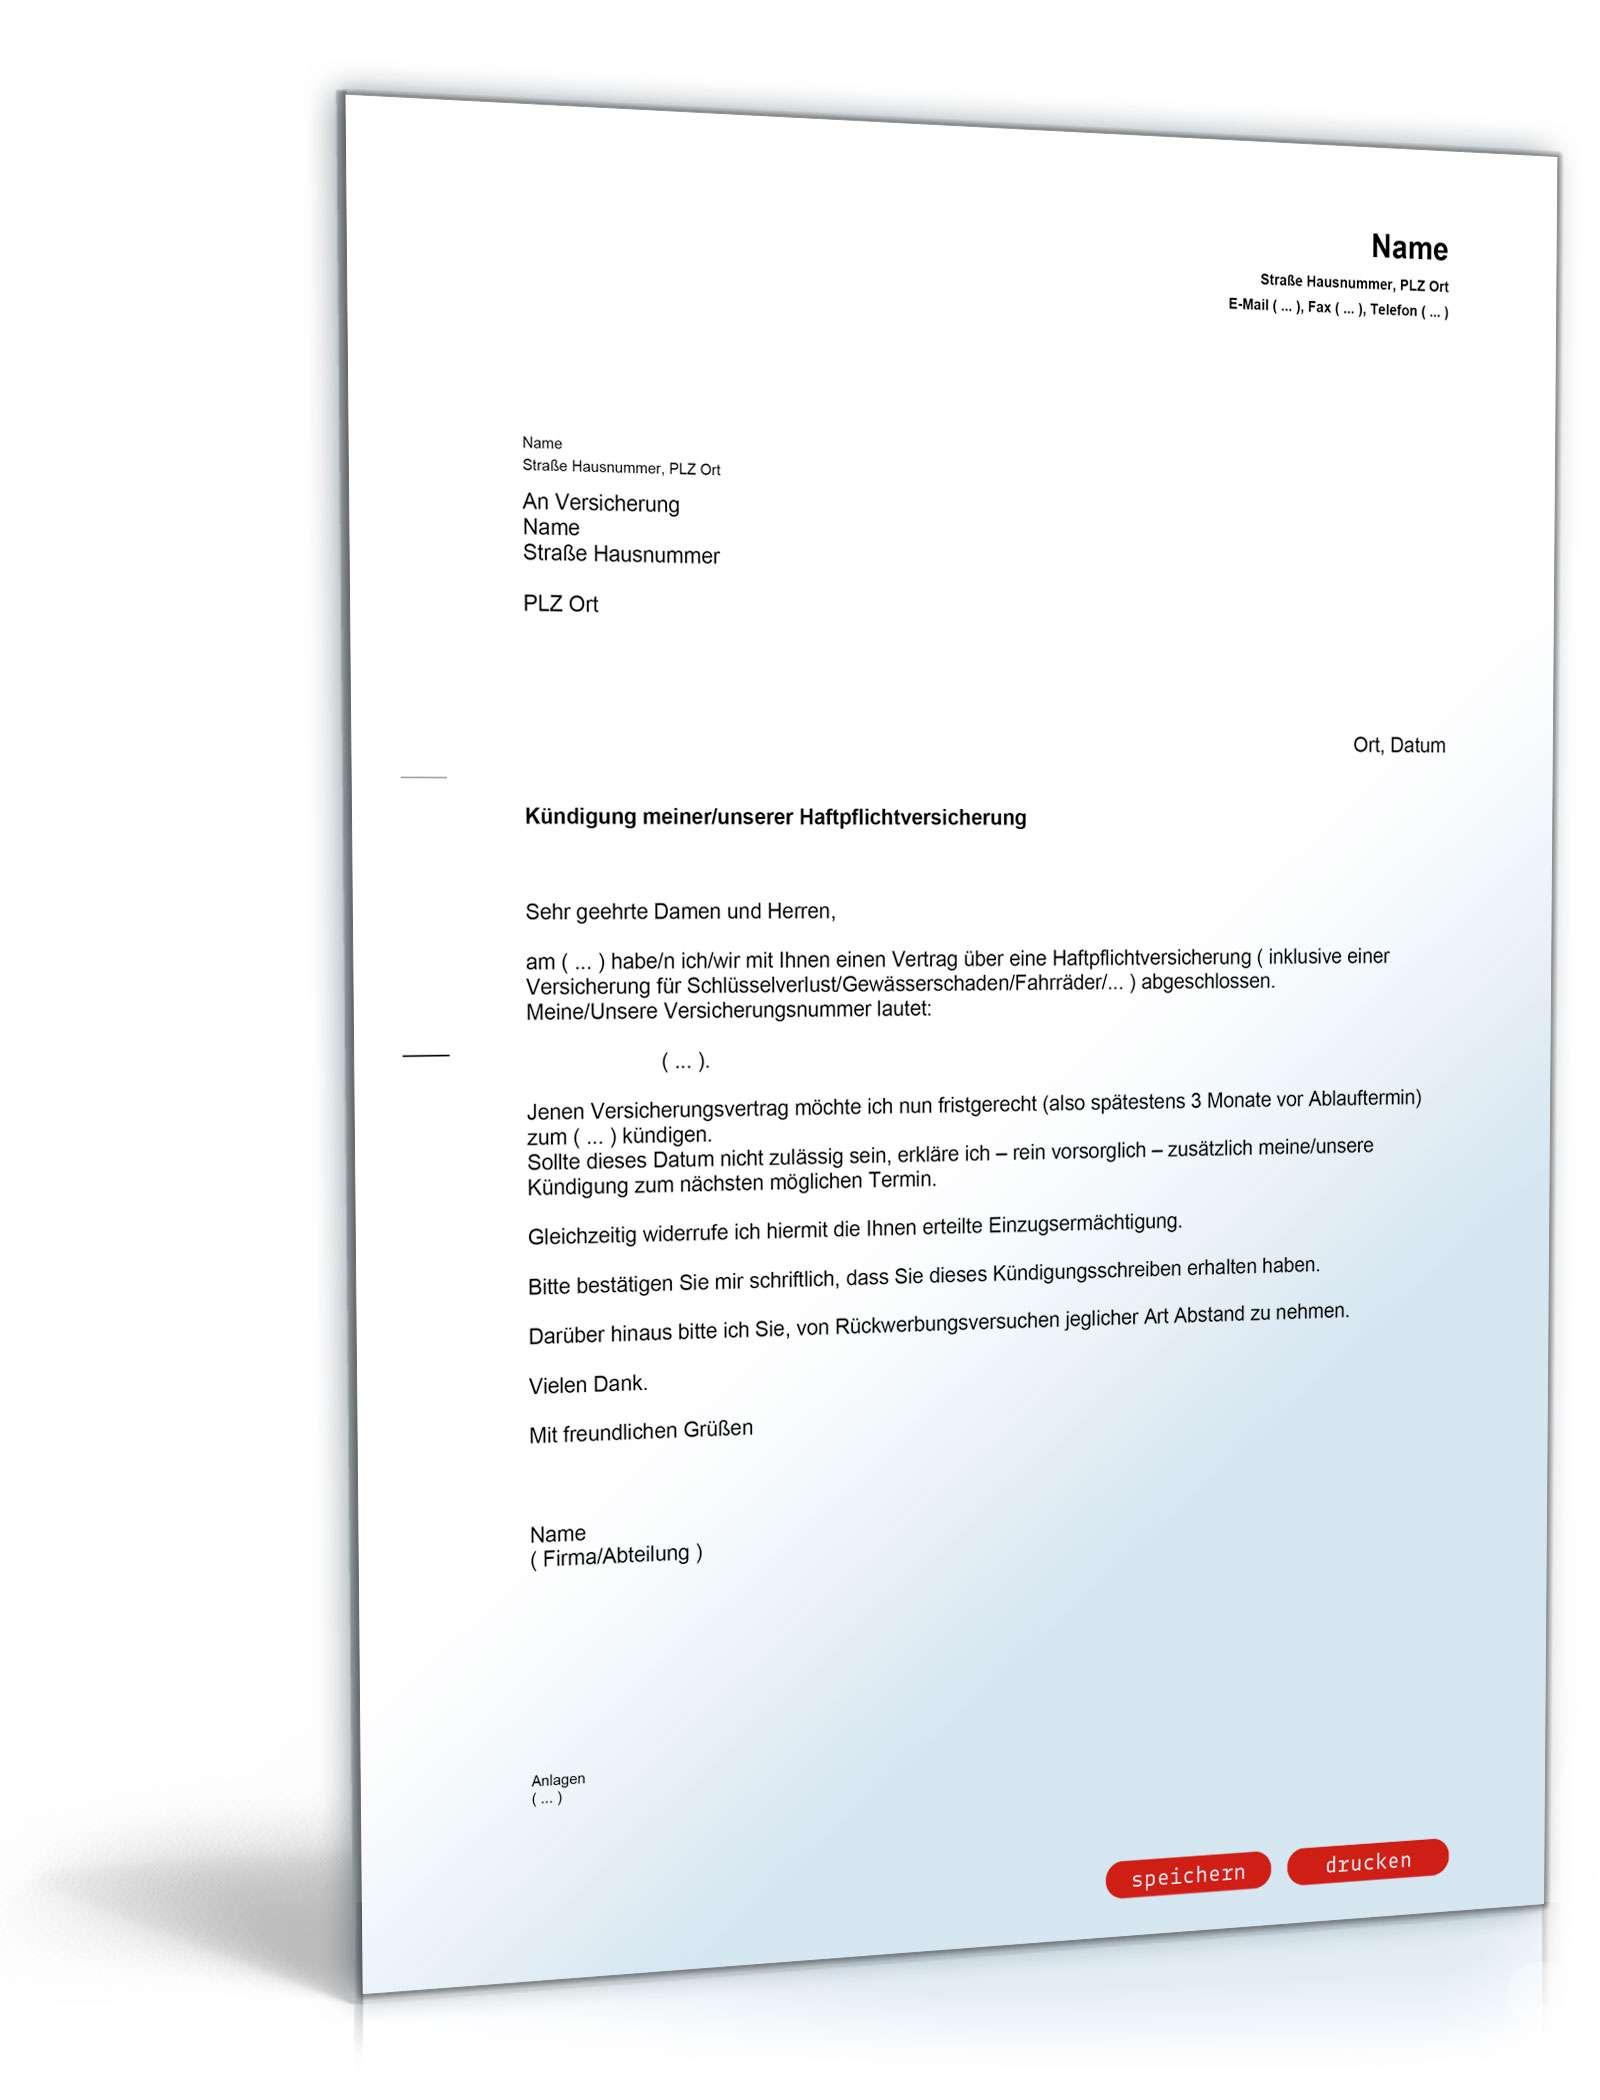 kndigung haftpflichtversicherung muster vorlage zum download - Widerruf Einzugsermachtigung Muster